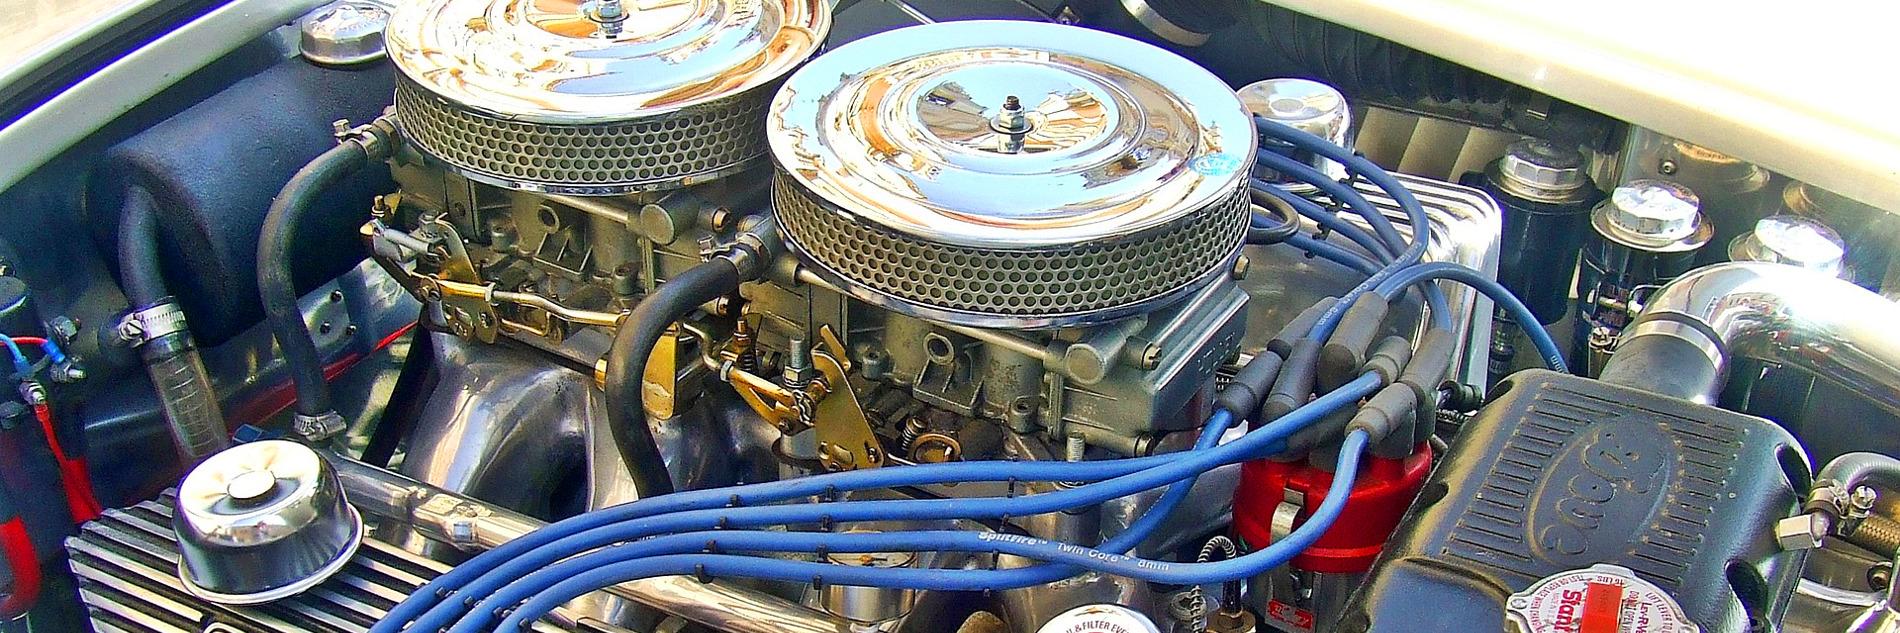 Autoservis Bratislava - motor auta